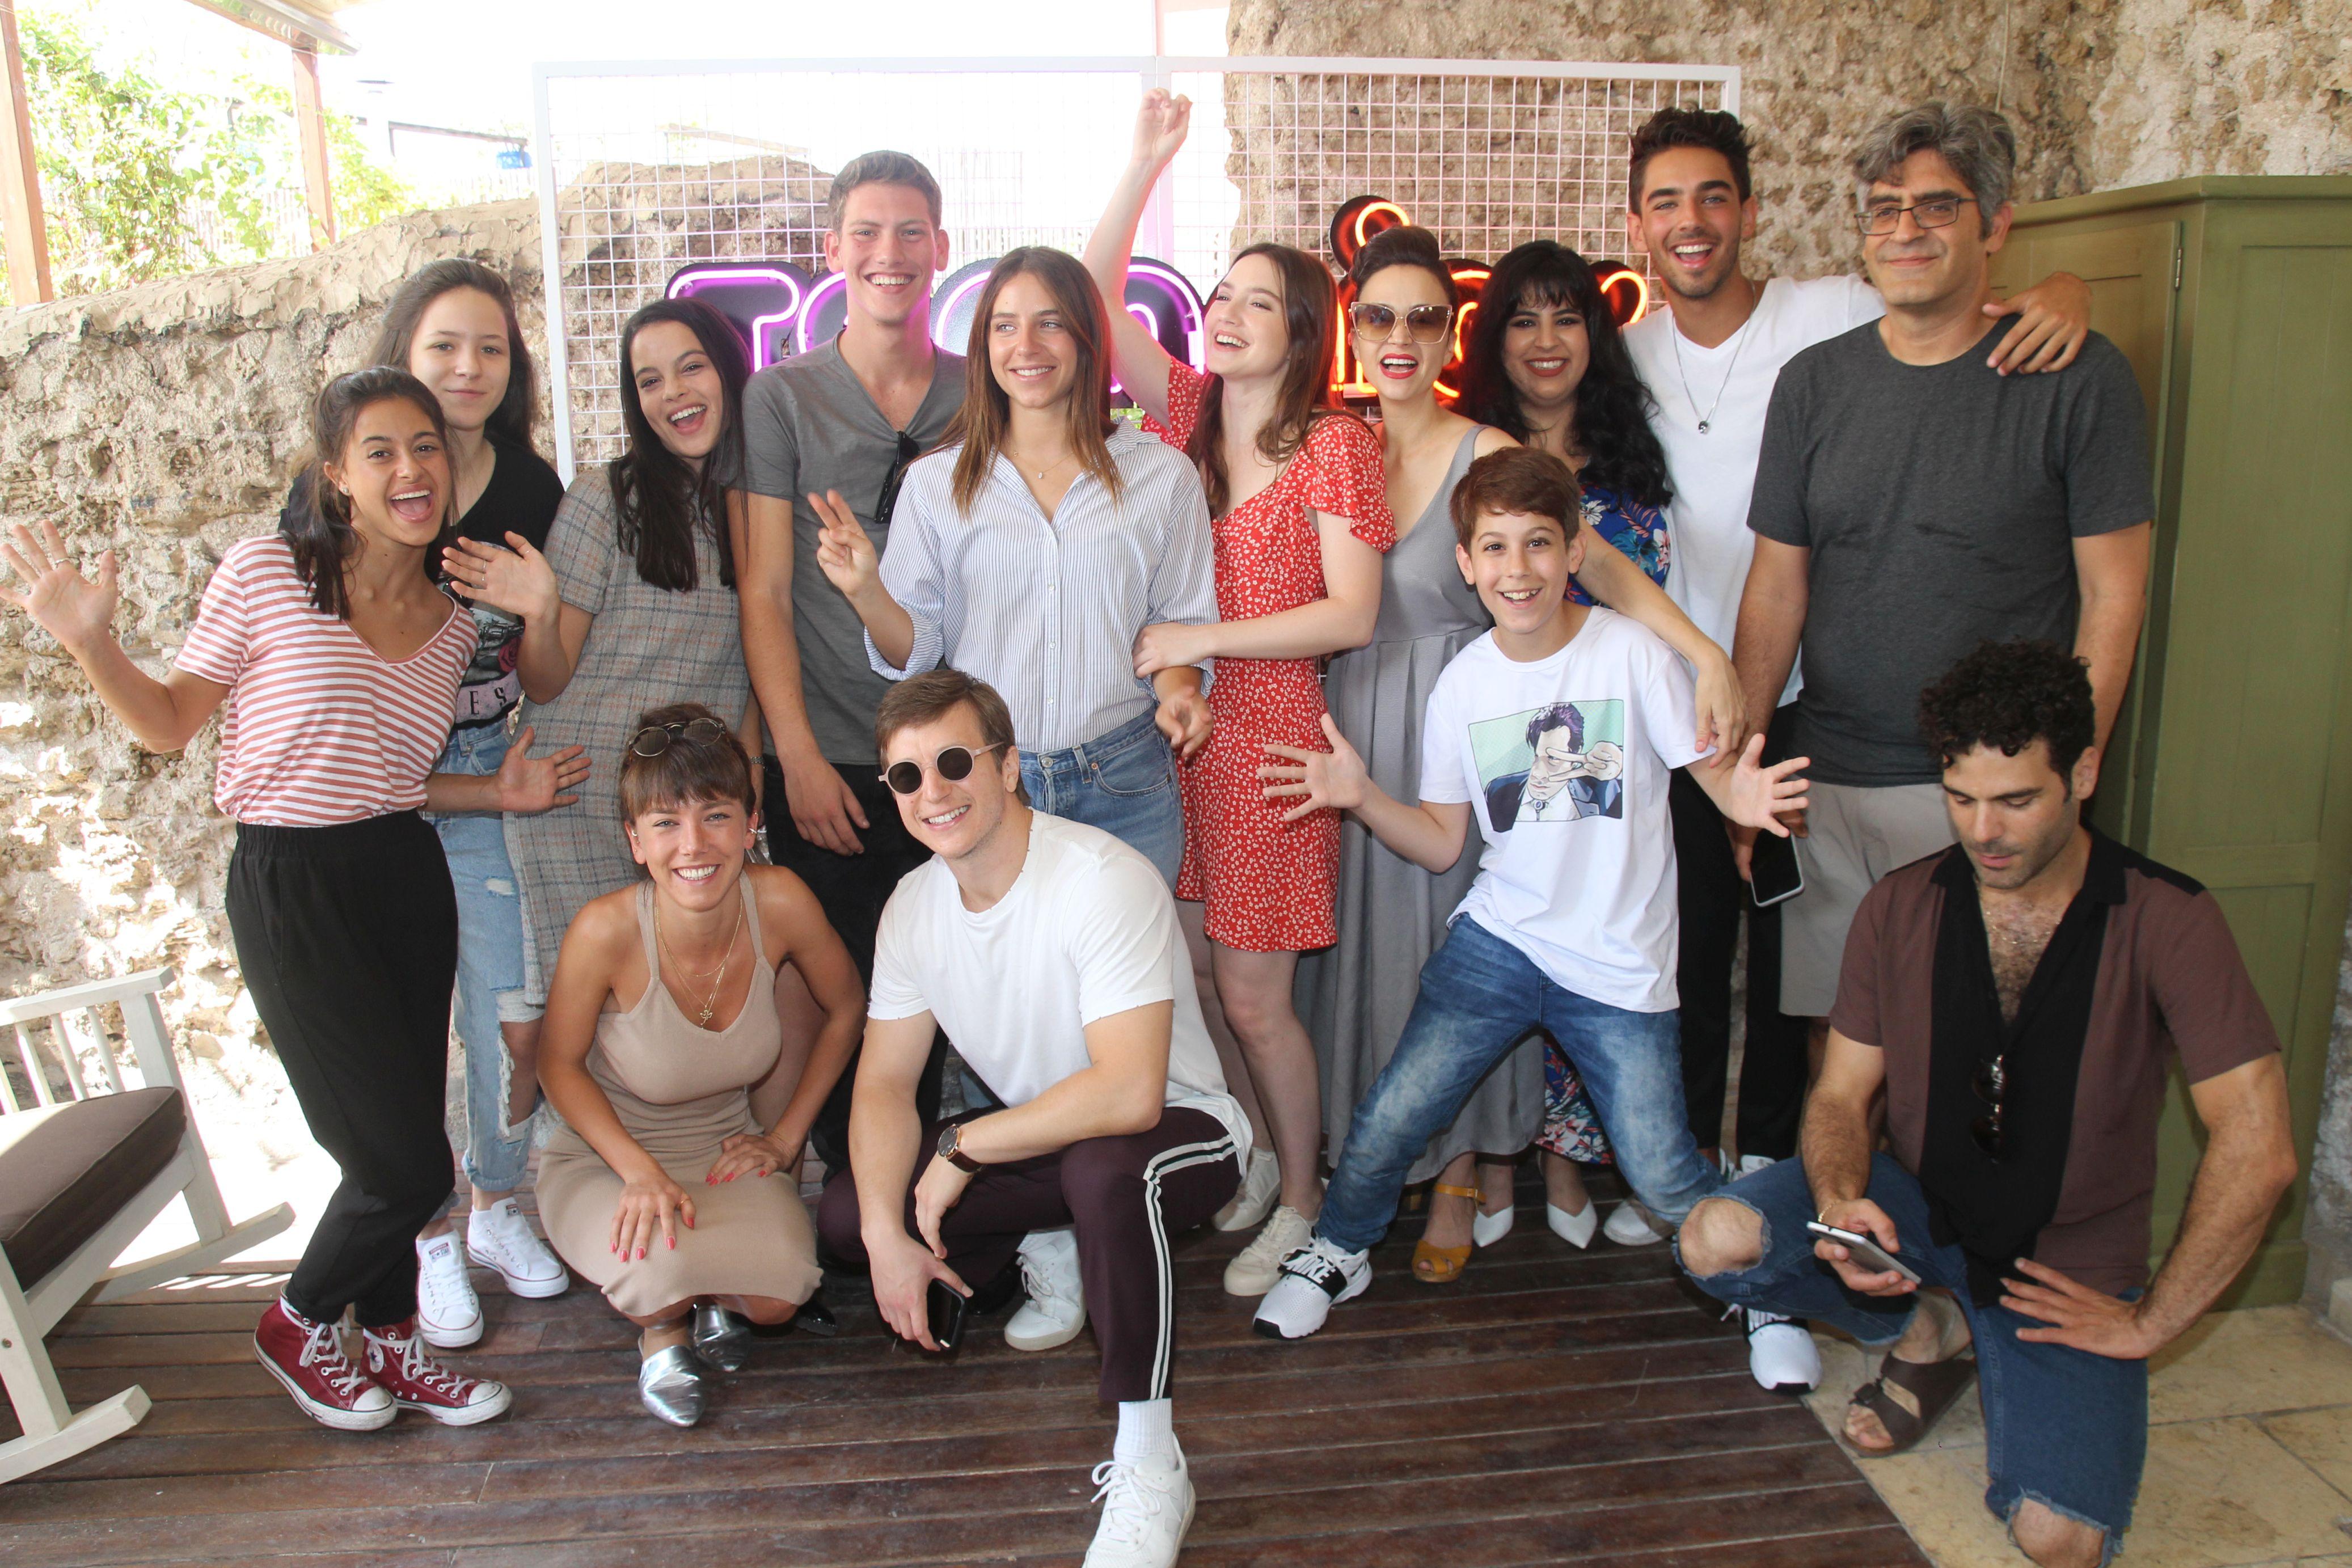 פוראבר - תמונה קבוצתית